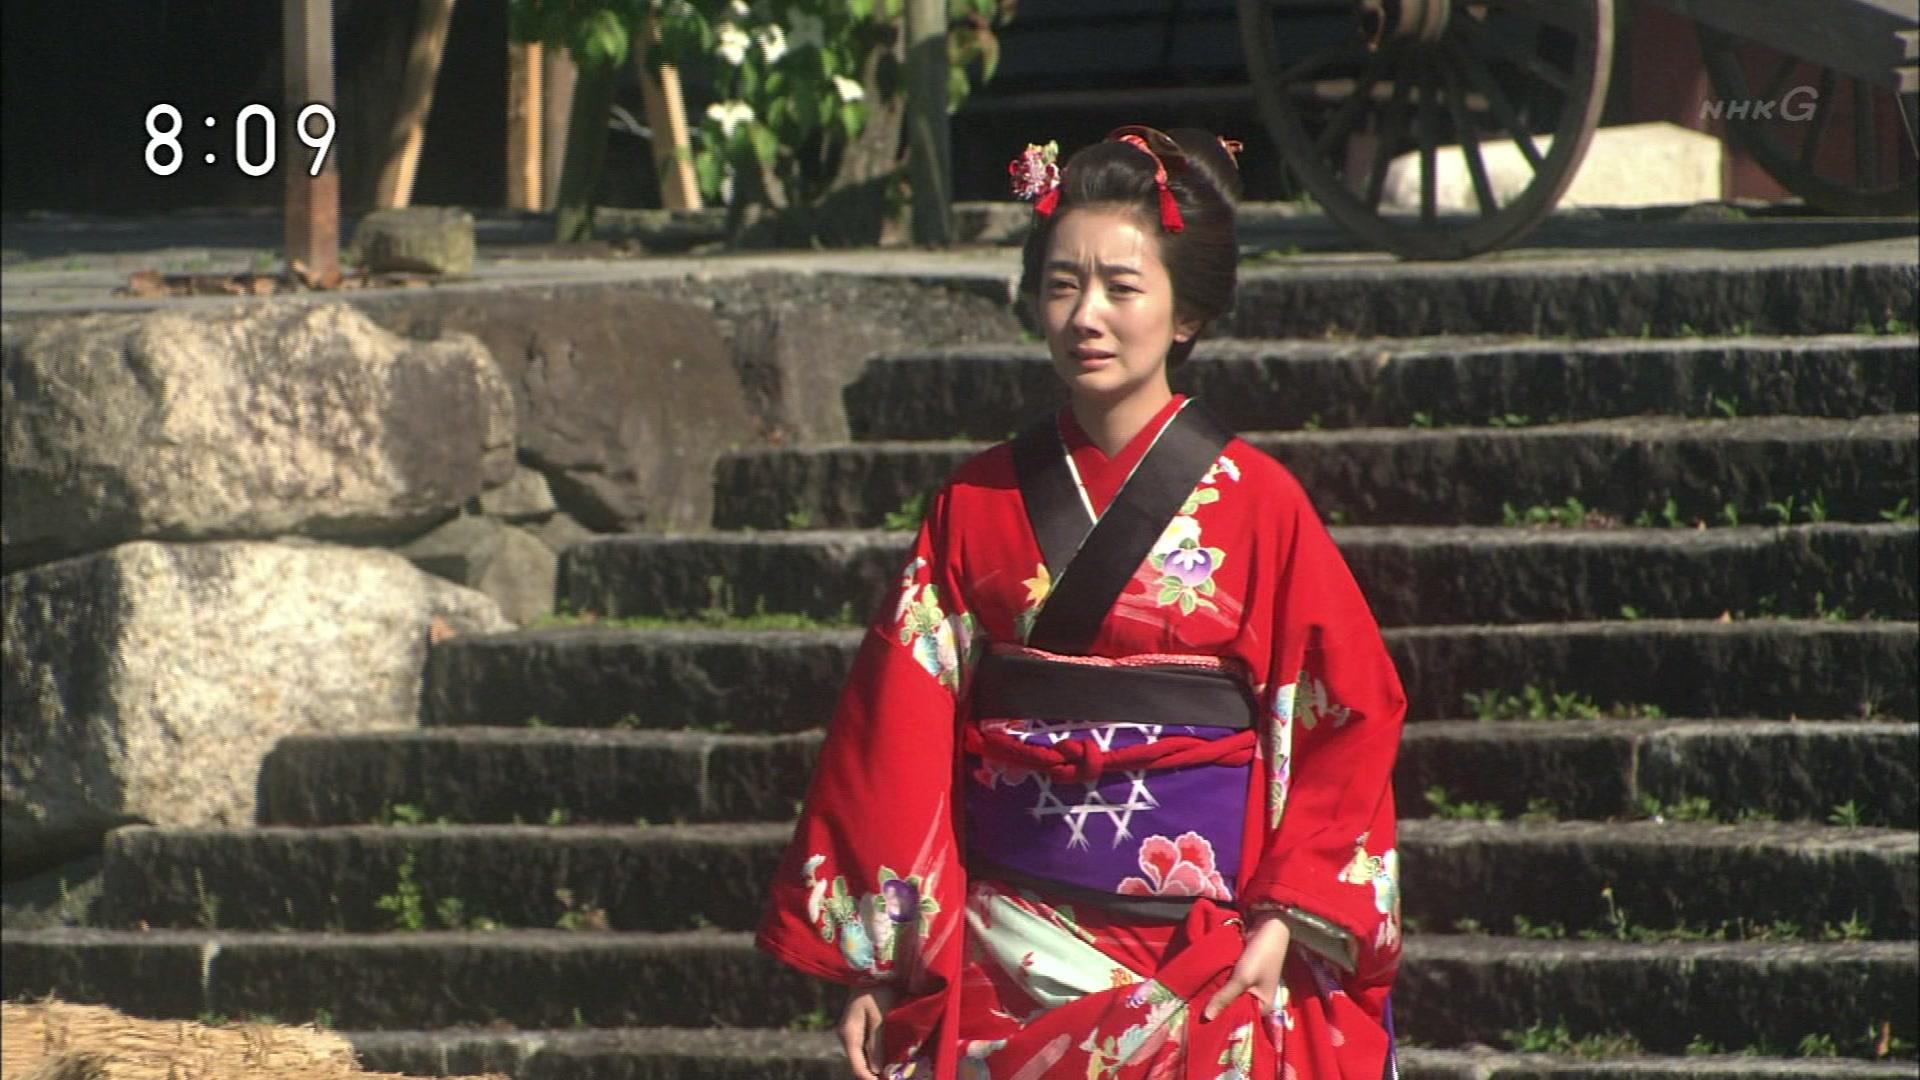 2015-10-10 08:00 連続テレビ小説 あさが来た(12)「ふたつの花びら」 1659